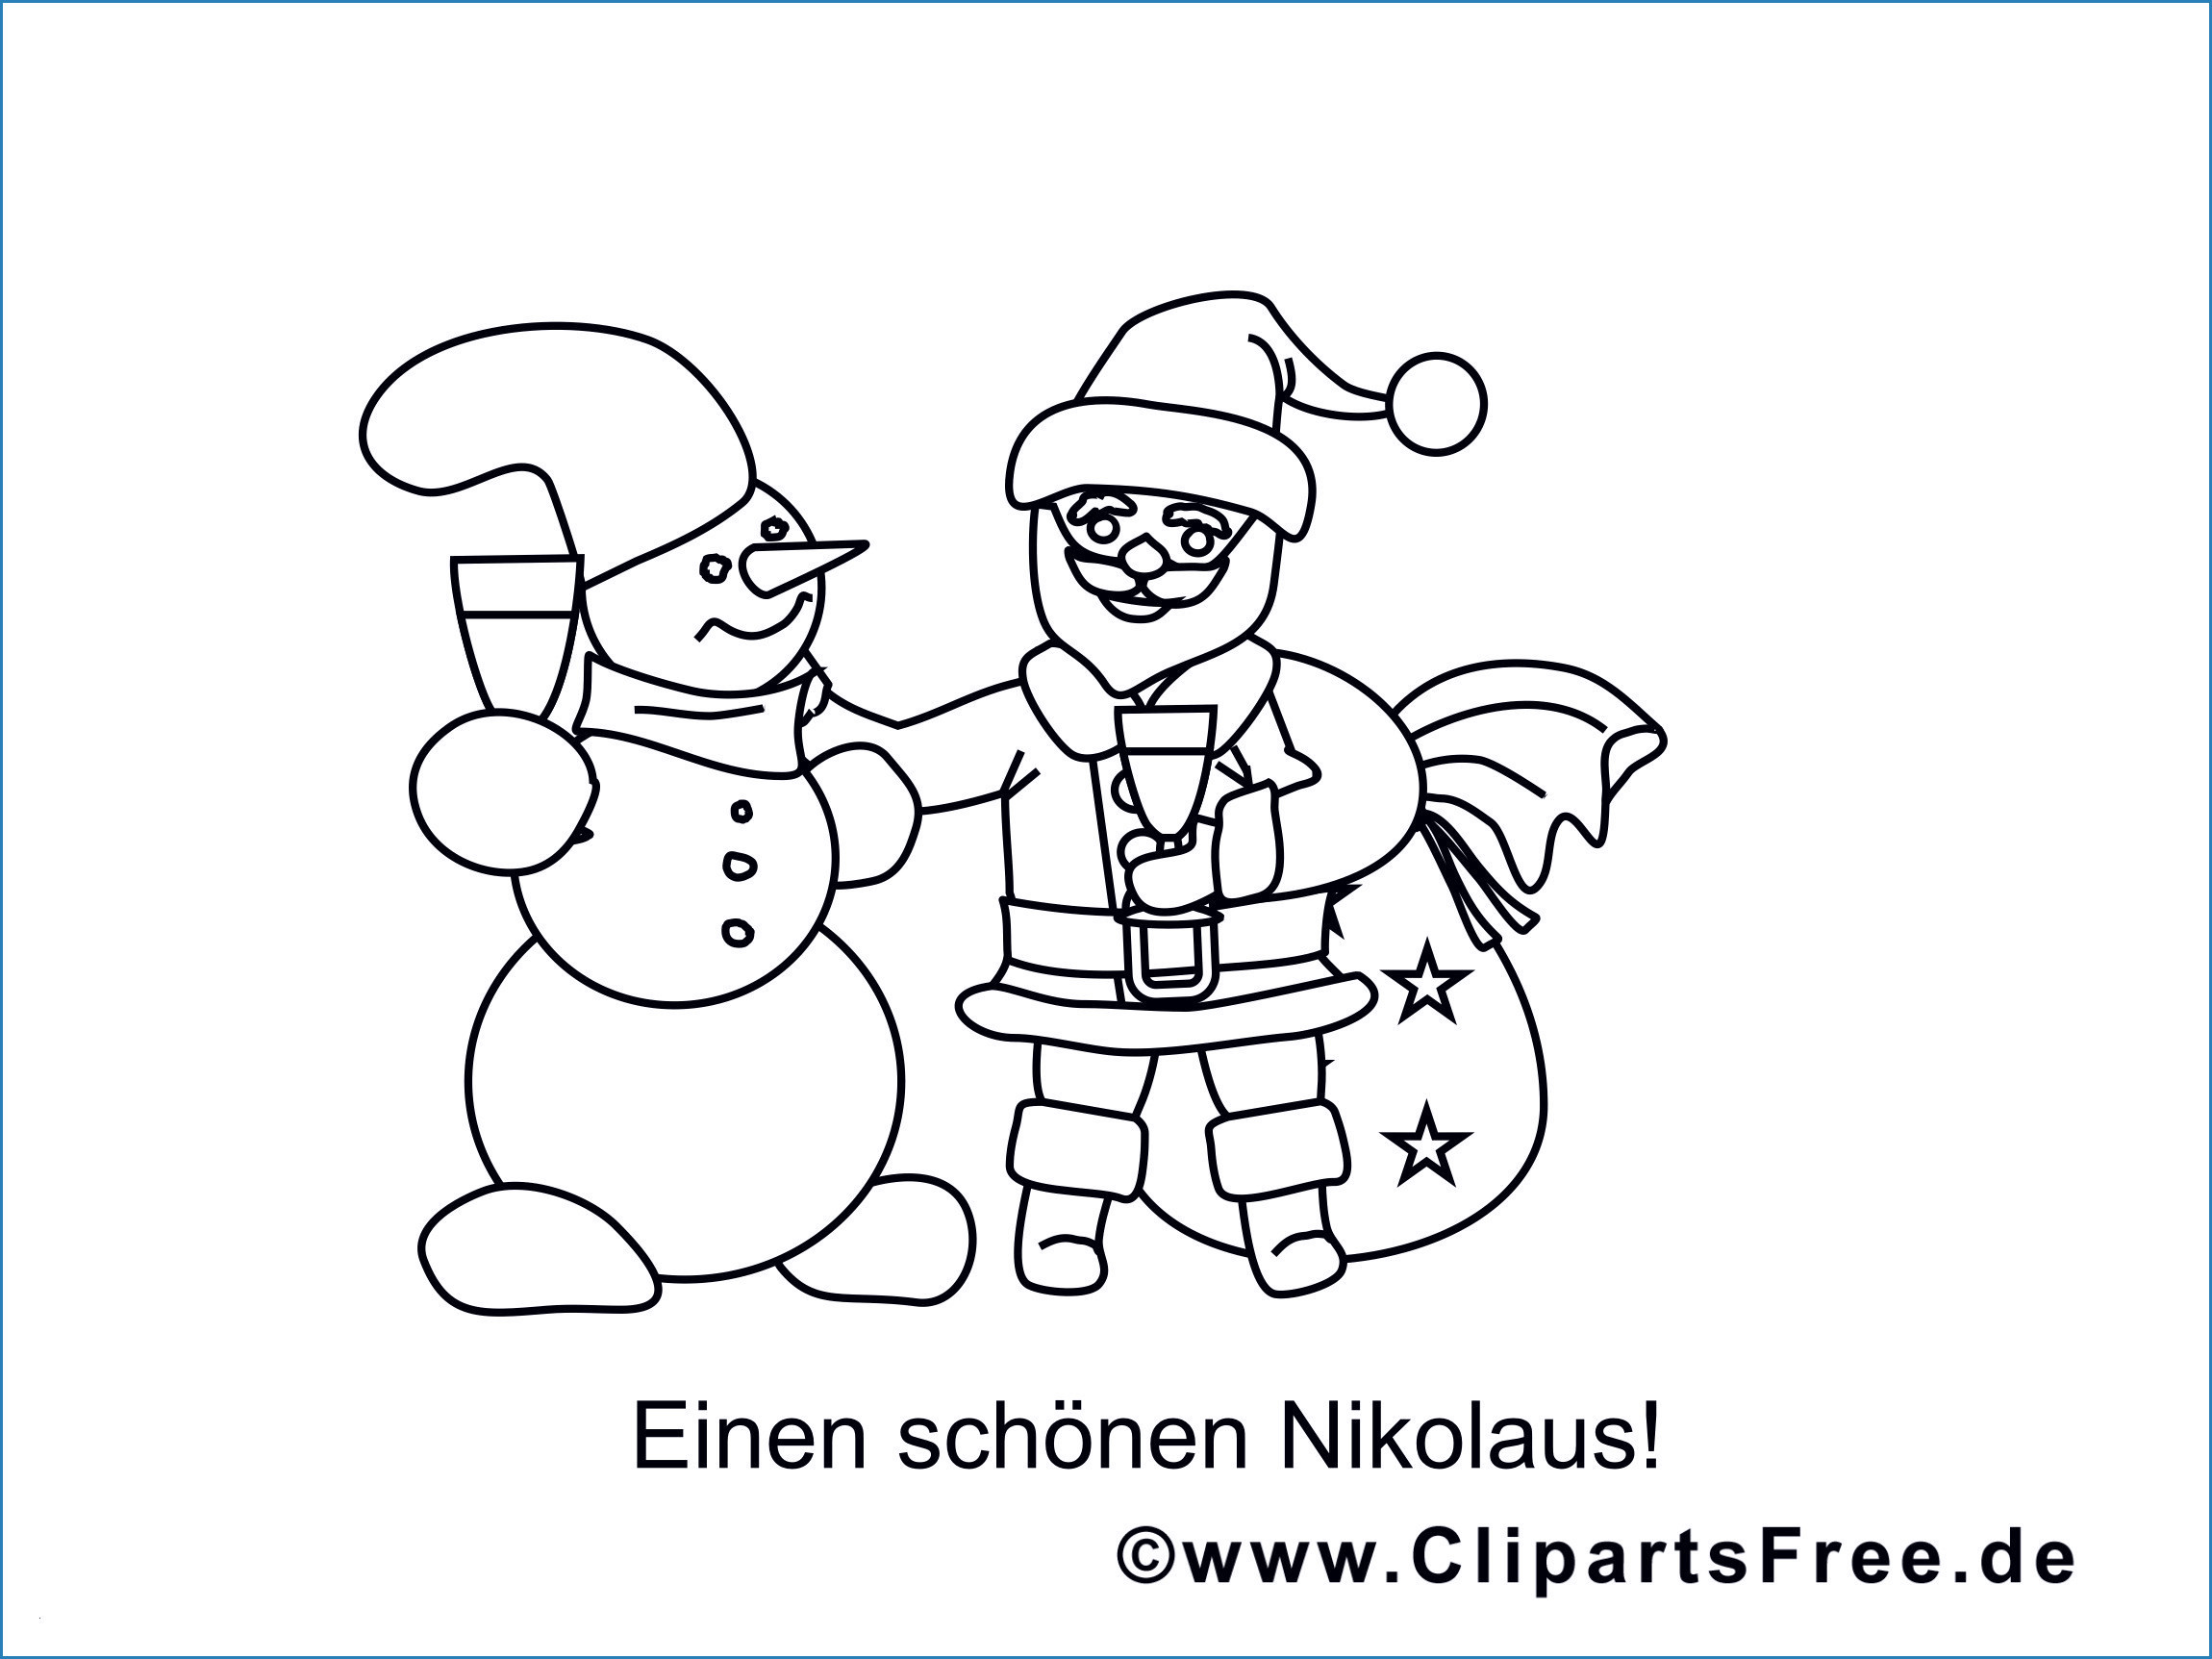 Ausmalbilder Weihnachten Vorlagen Neu Schneemann Vorlage Zum Ausdrucken Elegant Ausmalbilder Das Bild